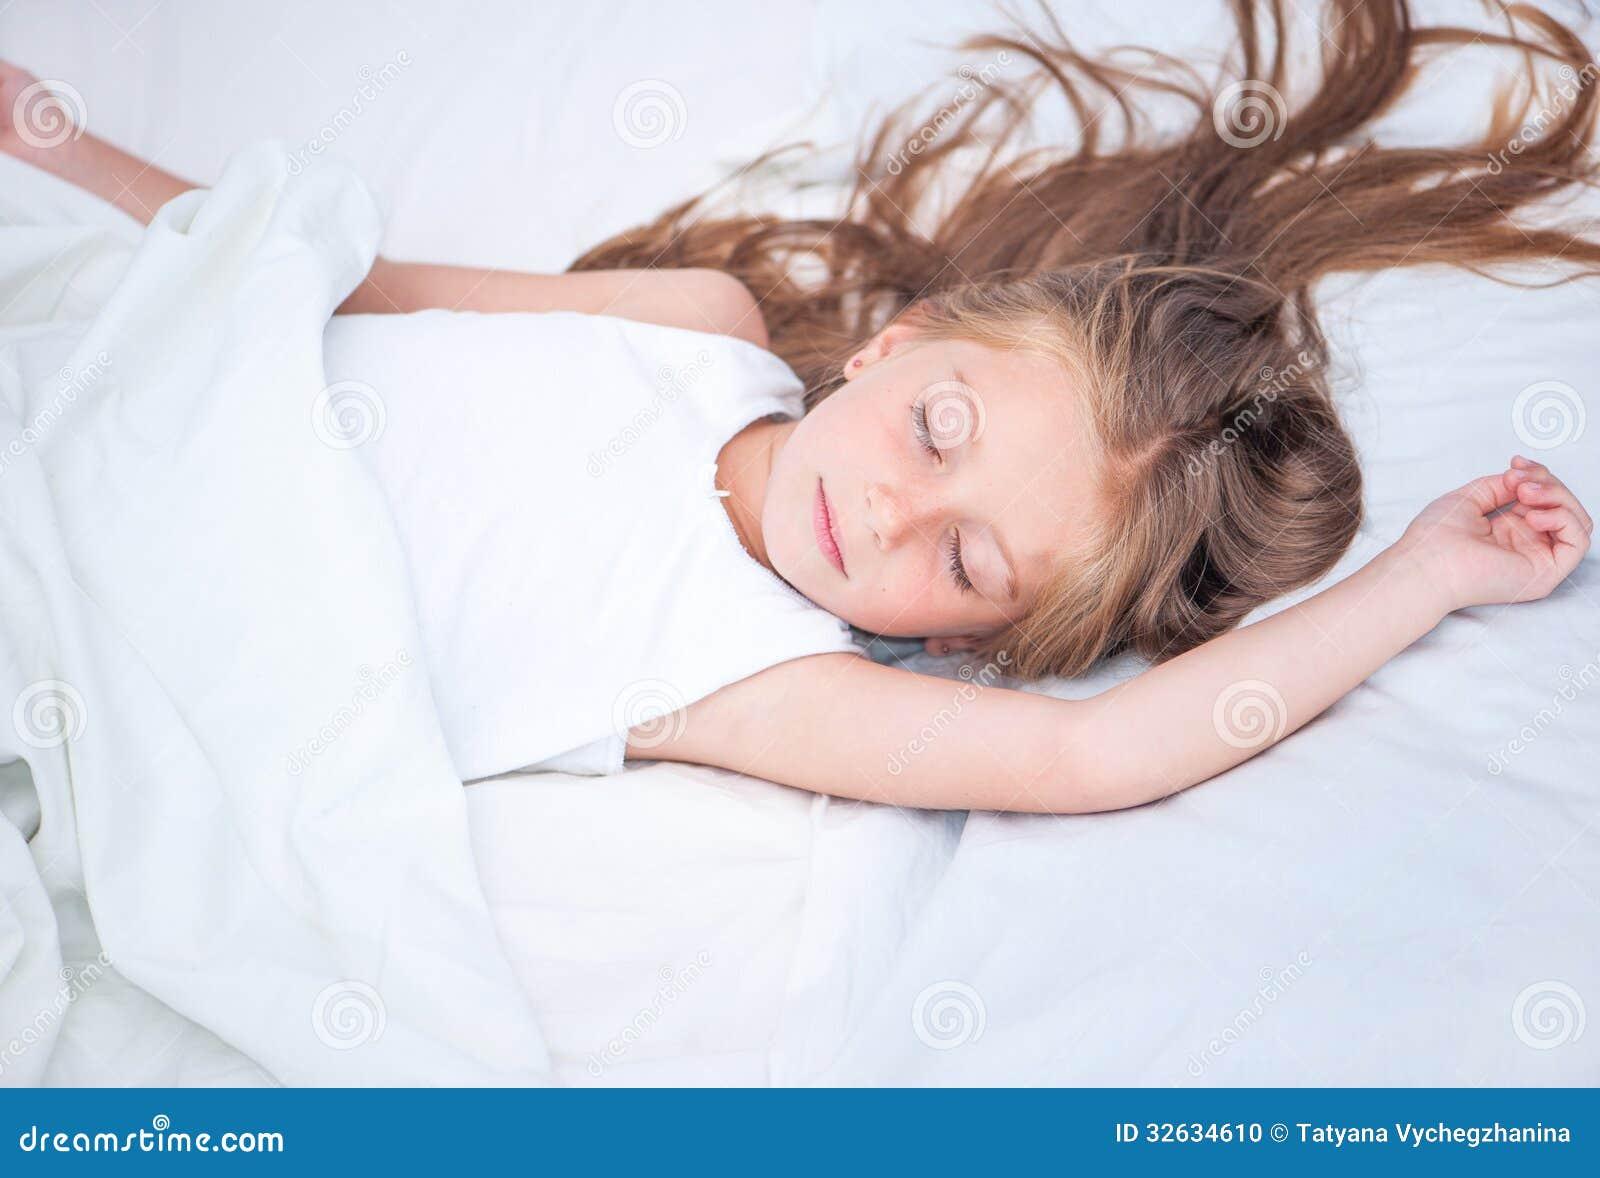 the girl sleeps in white panties